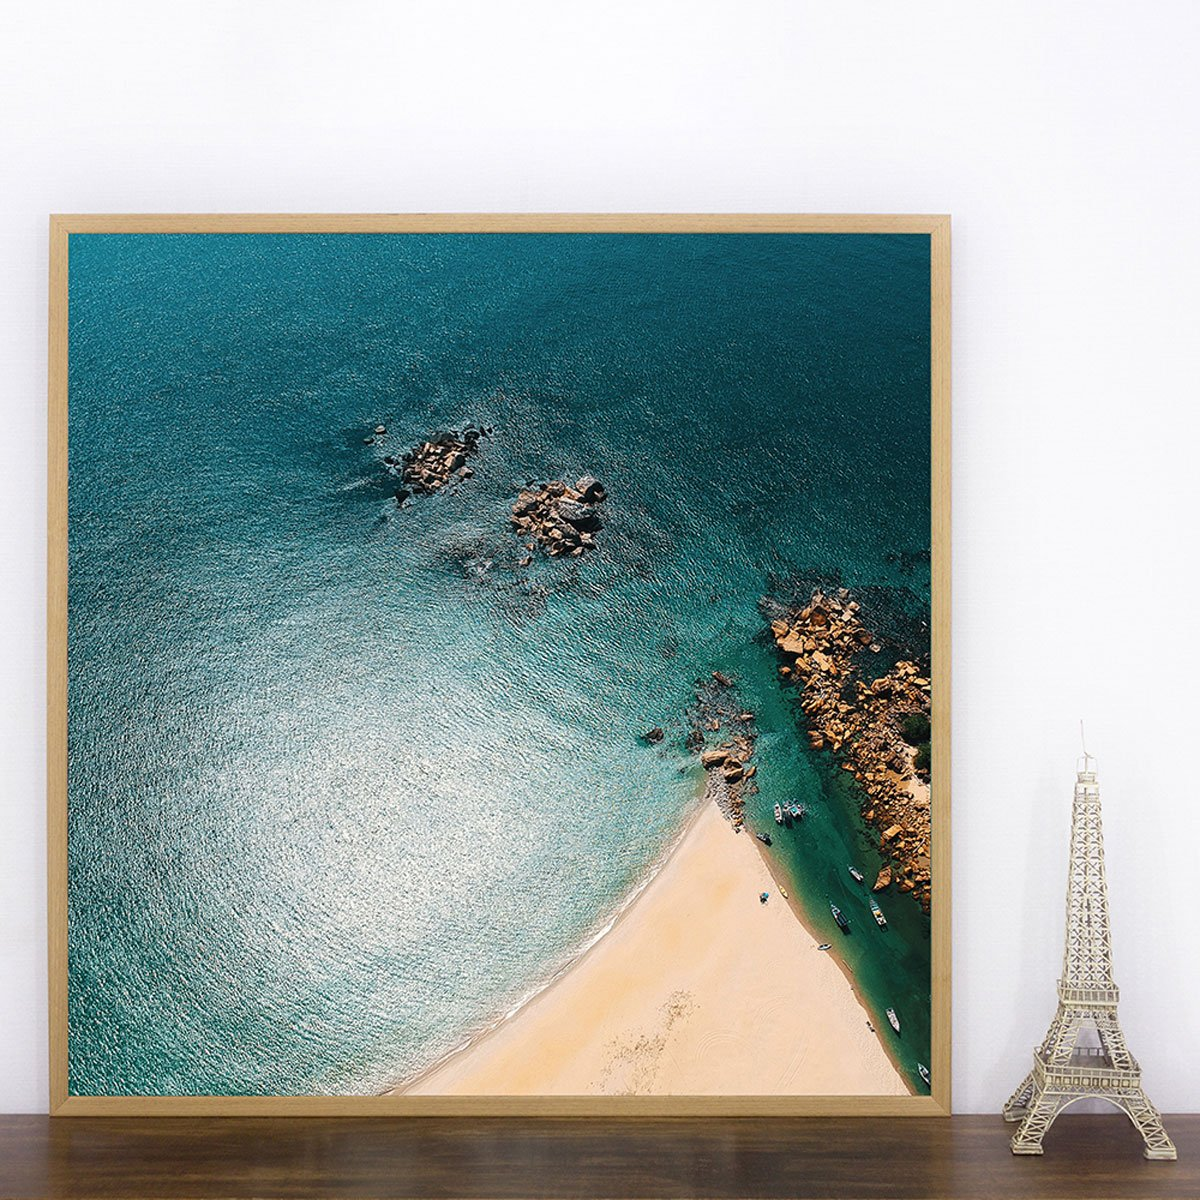 Quadro Paisagem Mar Foto Aérea Praia 90x90 cm com Moldura